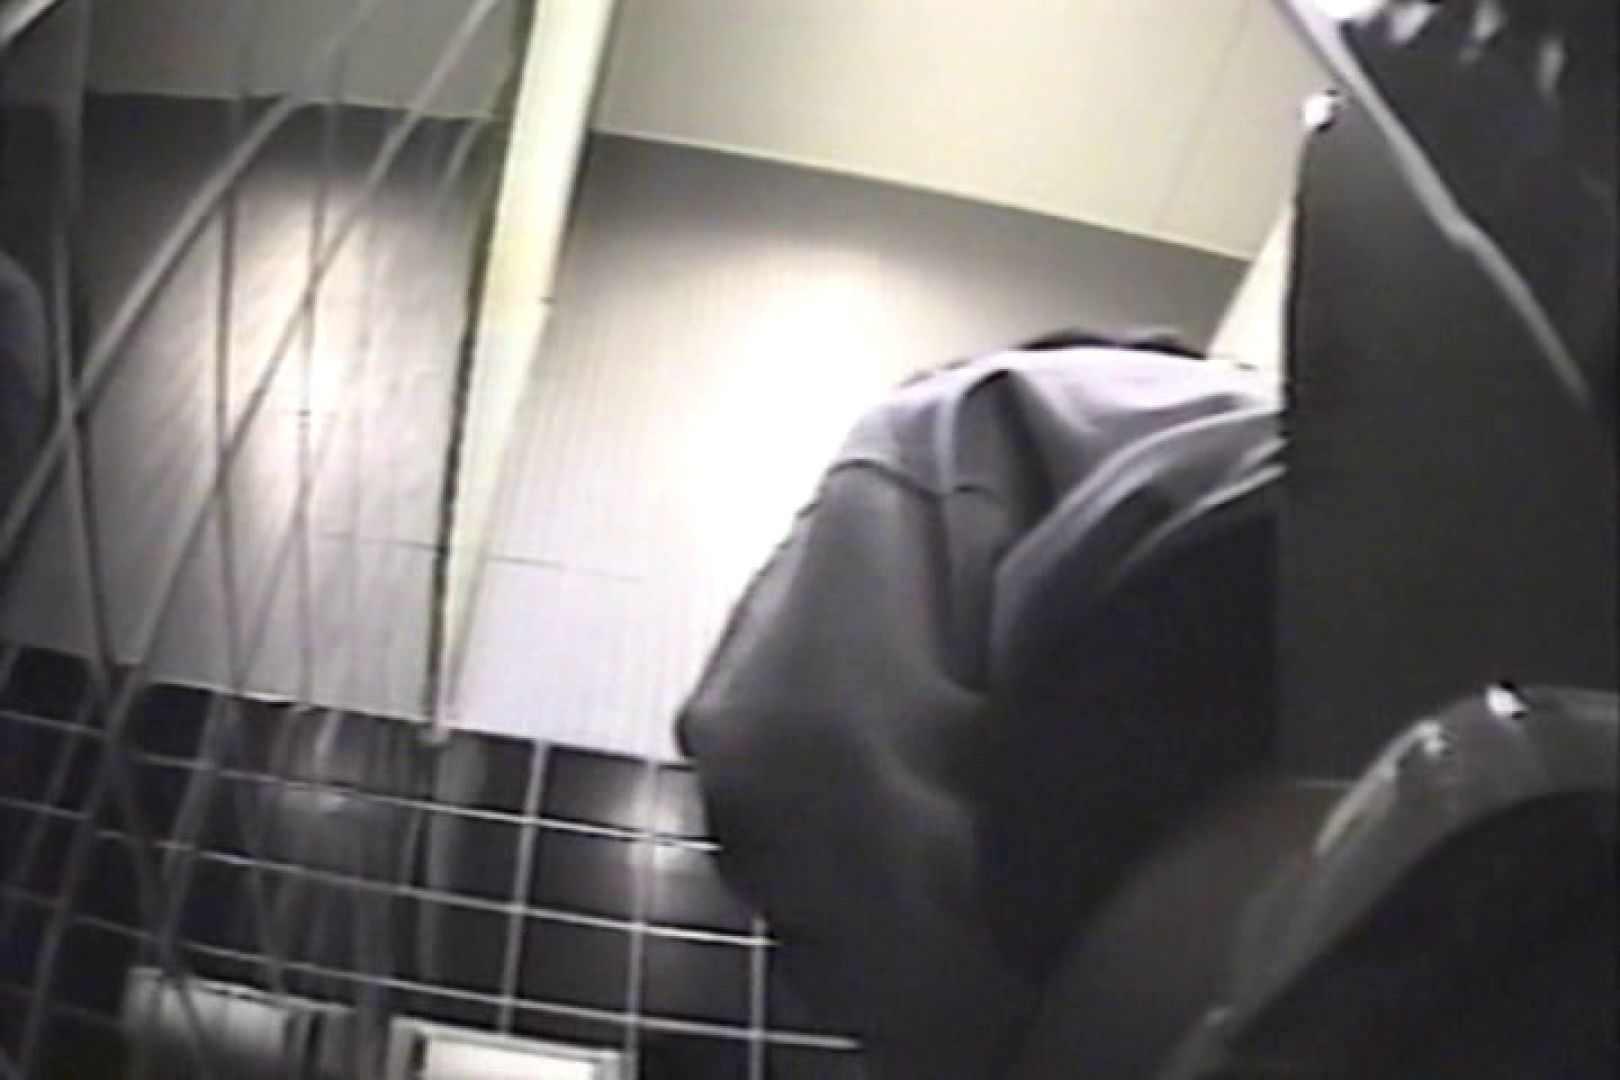 盗撮 女子洗面所3ヶ所入ってしゃがんで音出して 洗面所 盗み撮りAV無料動画キャプチャ 67pic 19